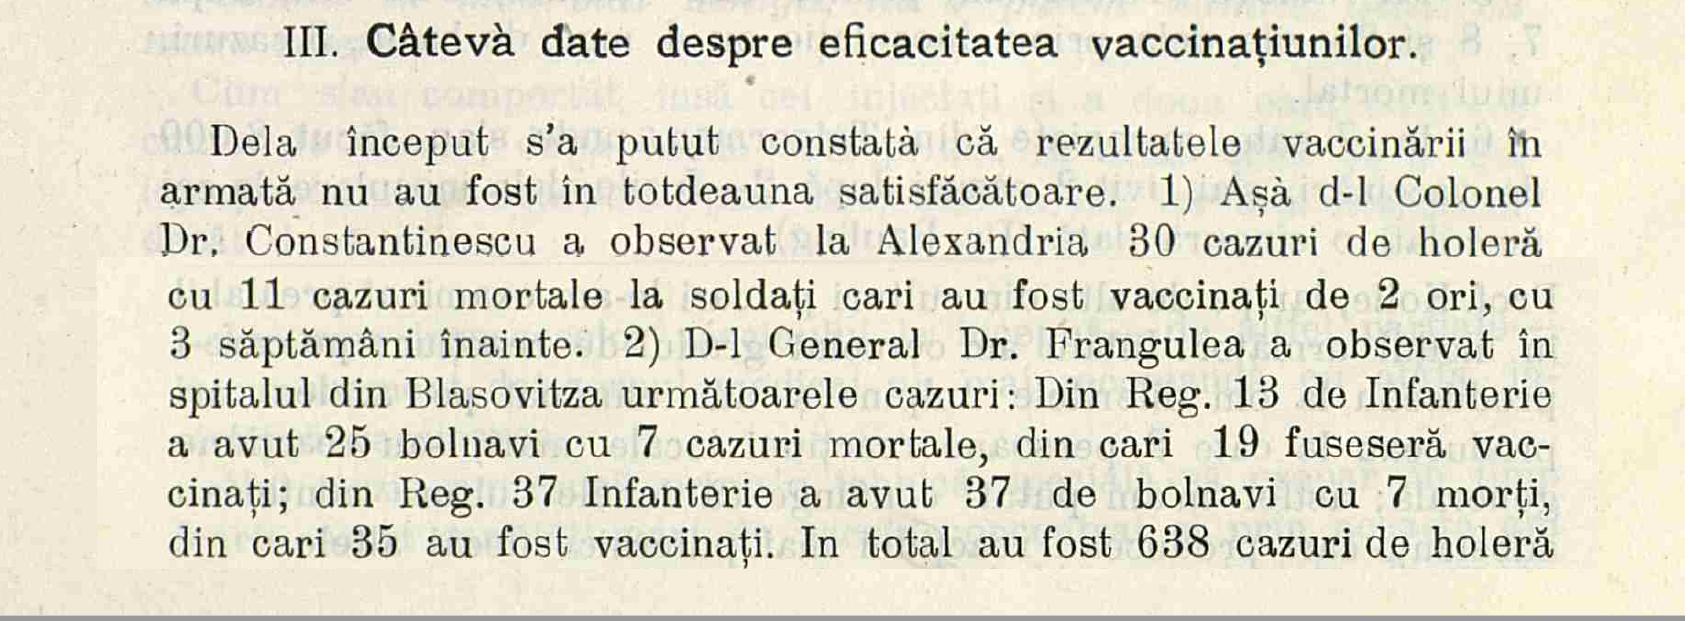 """Epidemiile de acum 100 de ani. Victor Babeș: """"Acolo unde izolarea și vaccinările se făceau în mod insuficient, epidemia progresa și se întindea"""""""